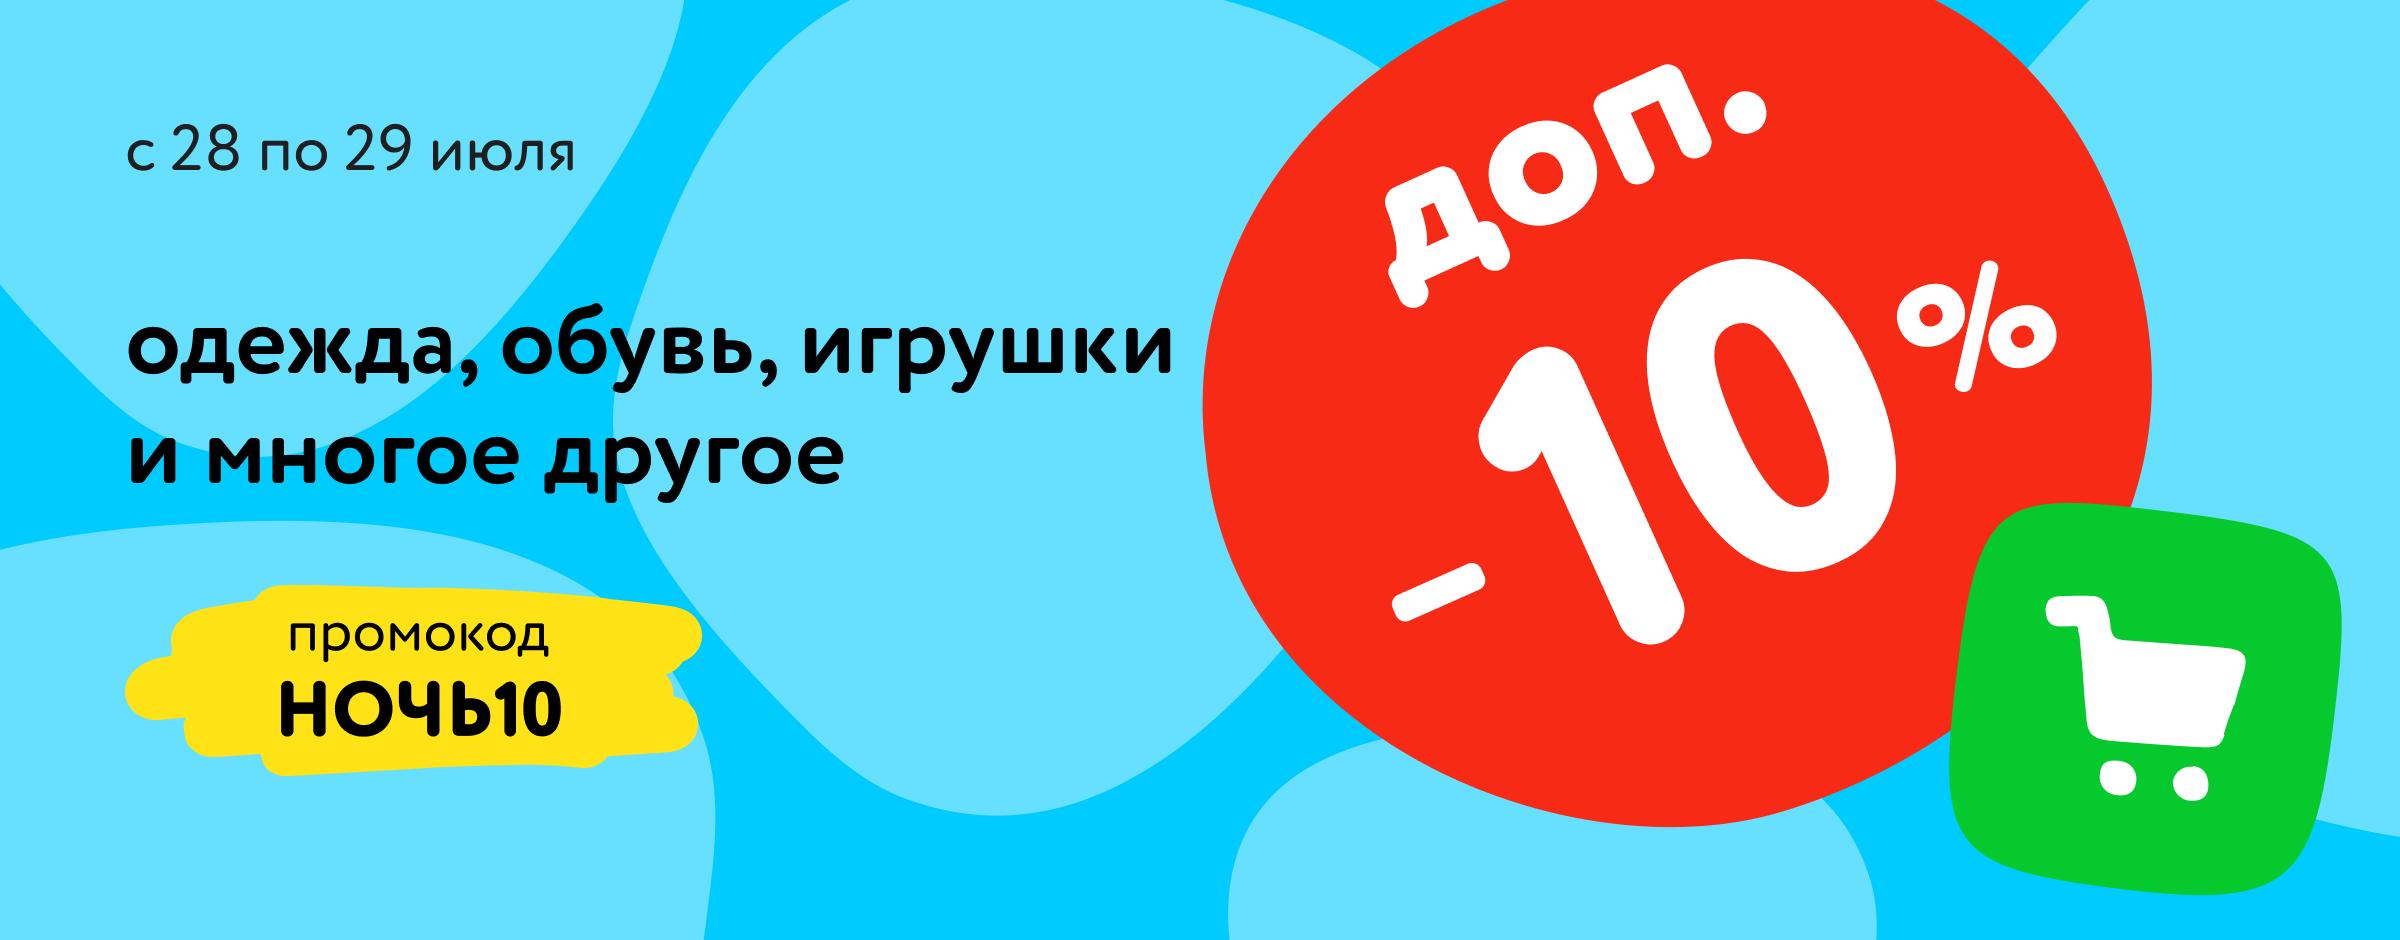 Доп. скидка 10% на широкий ассортимент товаров промокоду НОЧЬ10